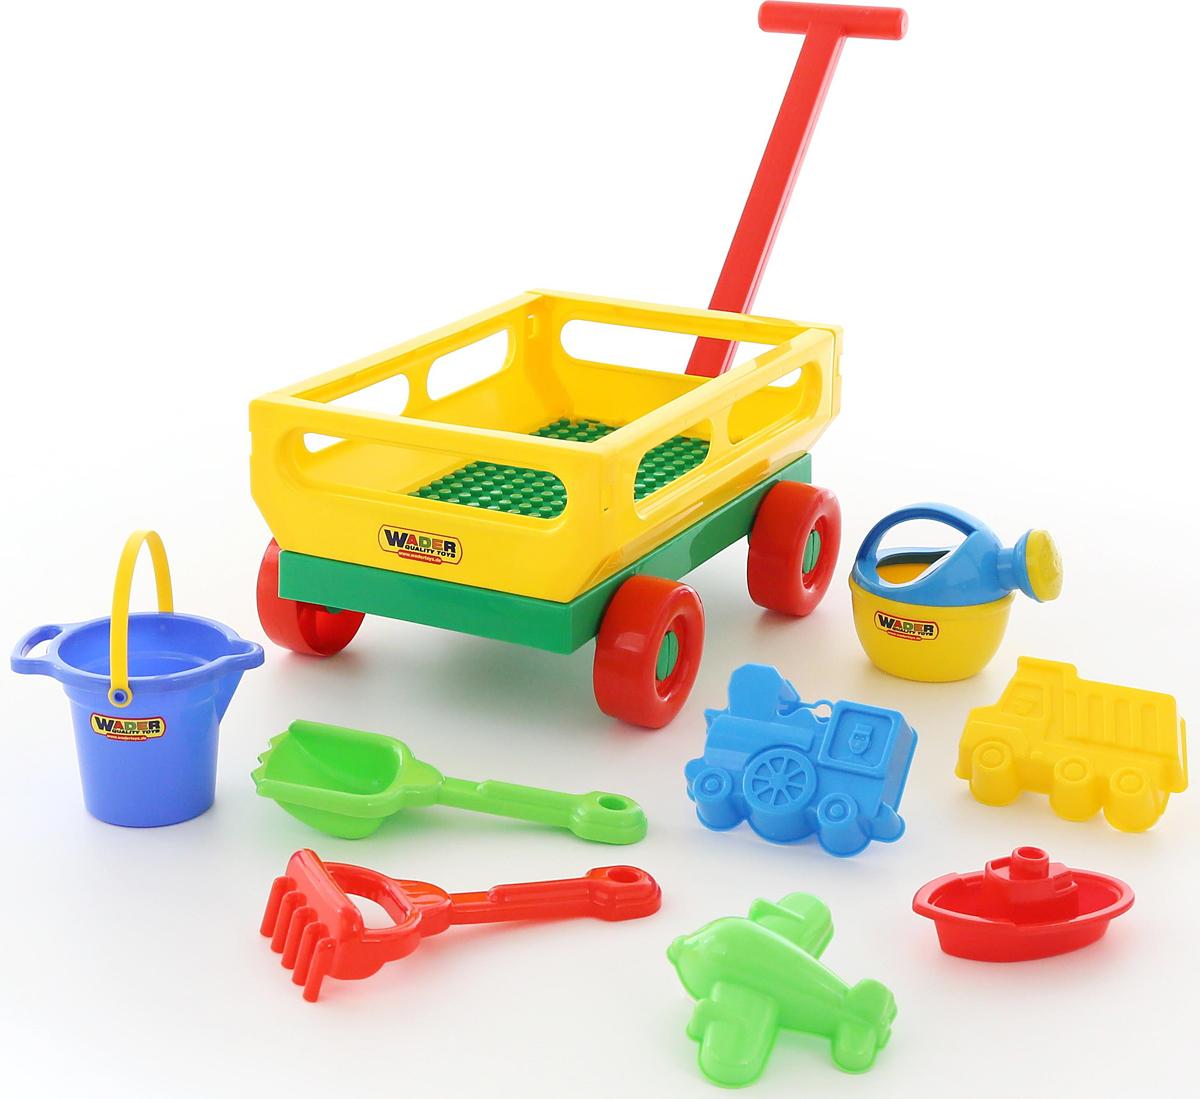 Полесье Набор игрушек для песочницы №488 полесье набор игрушек для песочницы 73